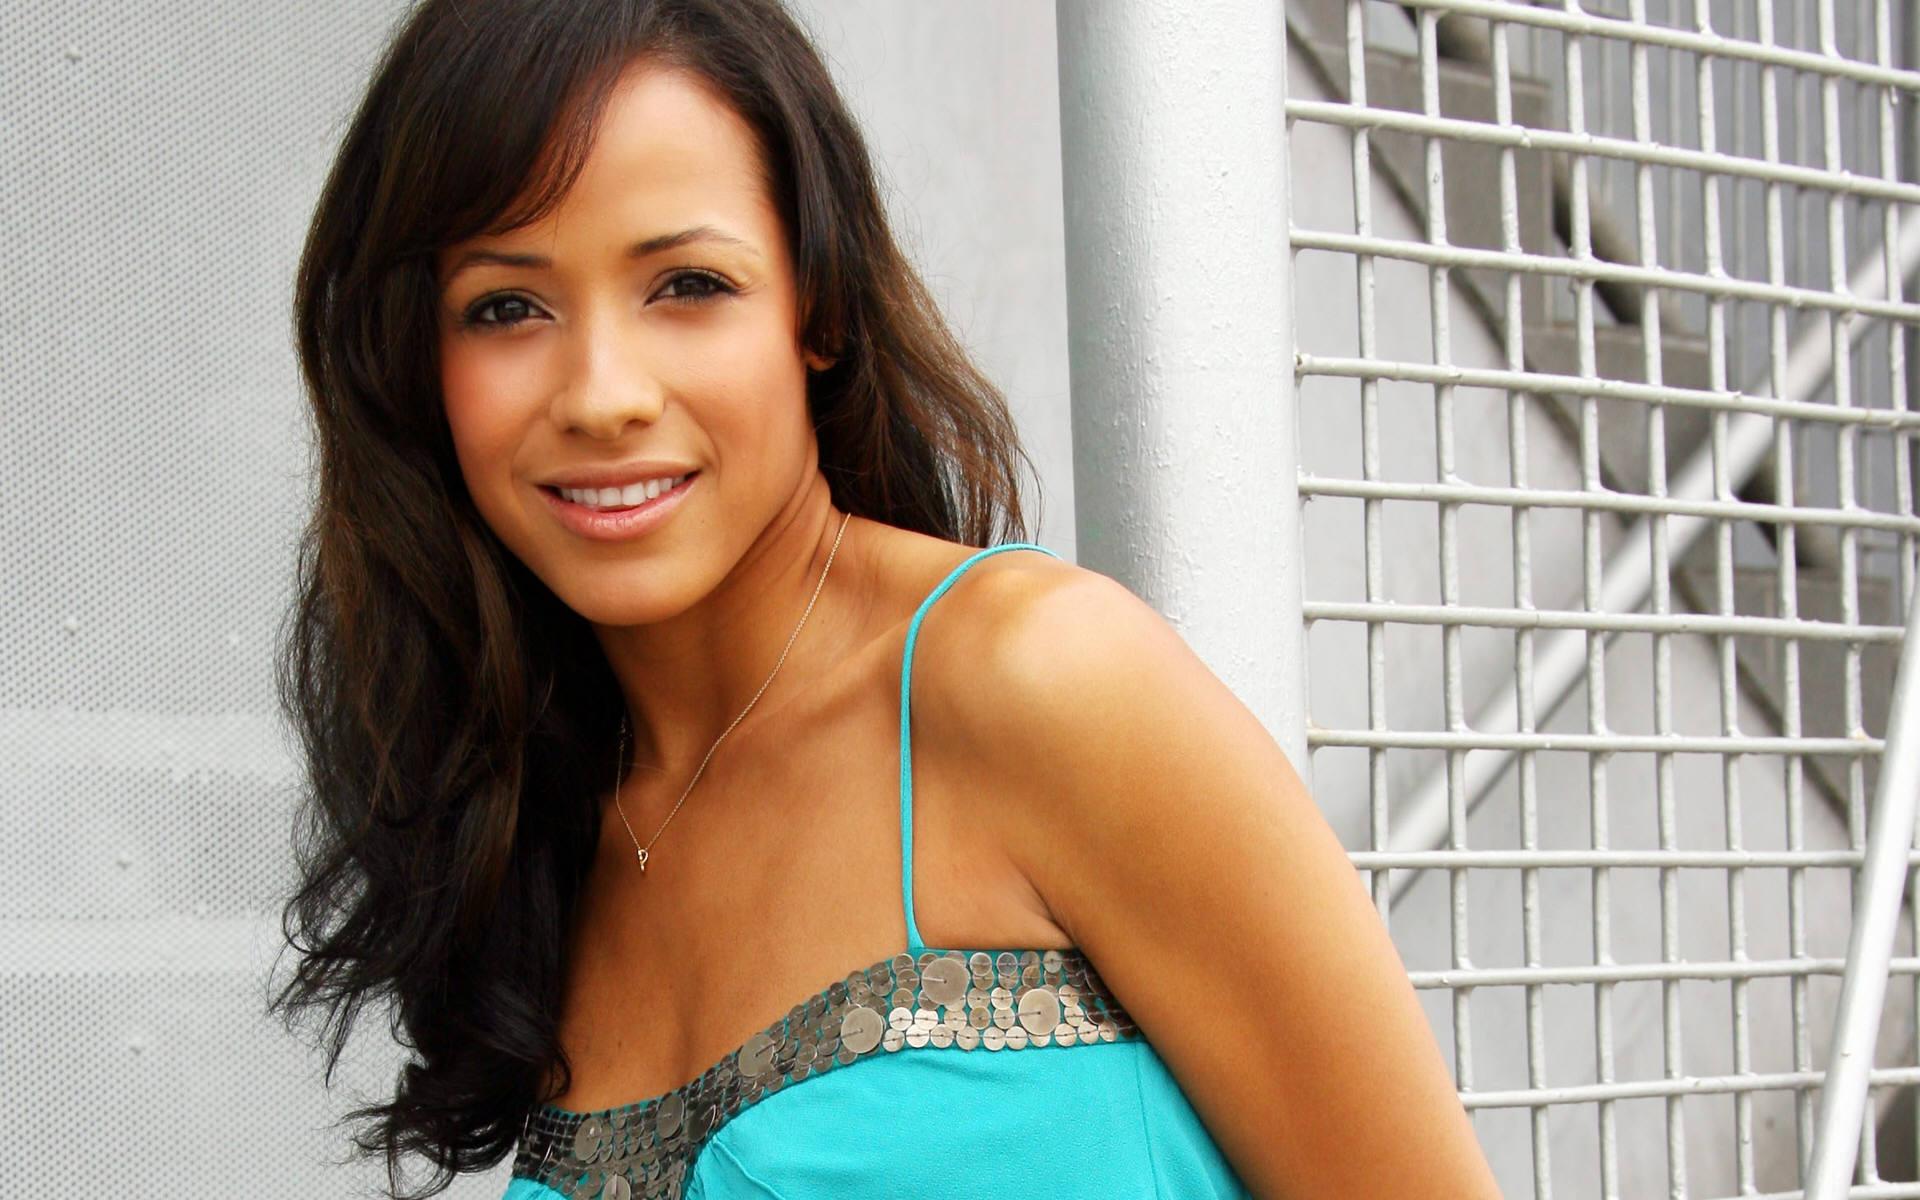 dania ramirez actress wallpaper 53101